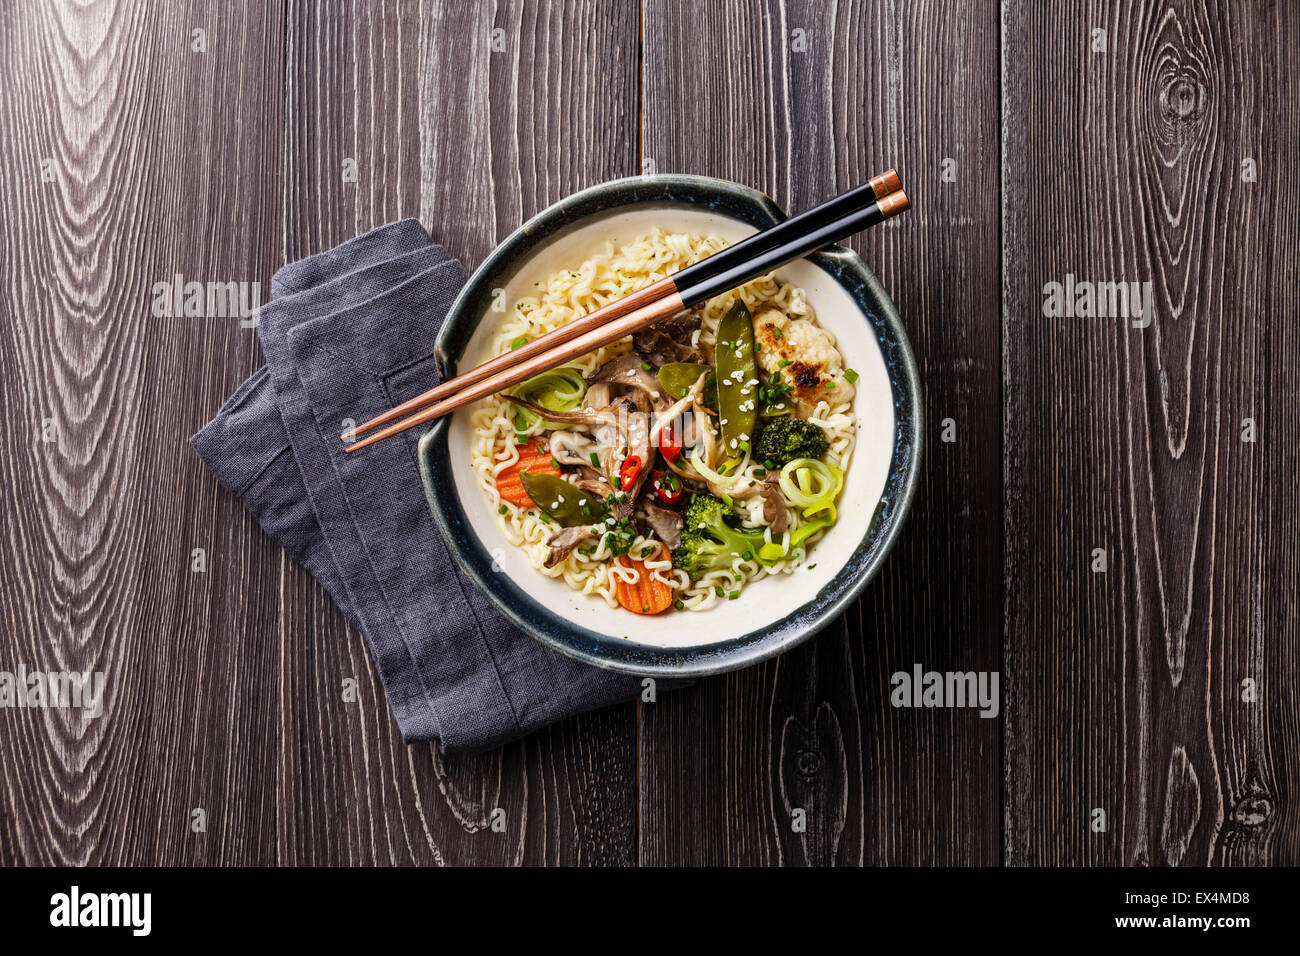 Nouilles asiatiques aux pleurotes et les légumes dans un bol sur fond de bois gris Photo Stock